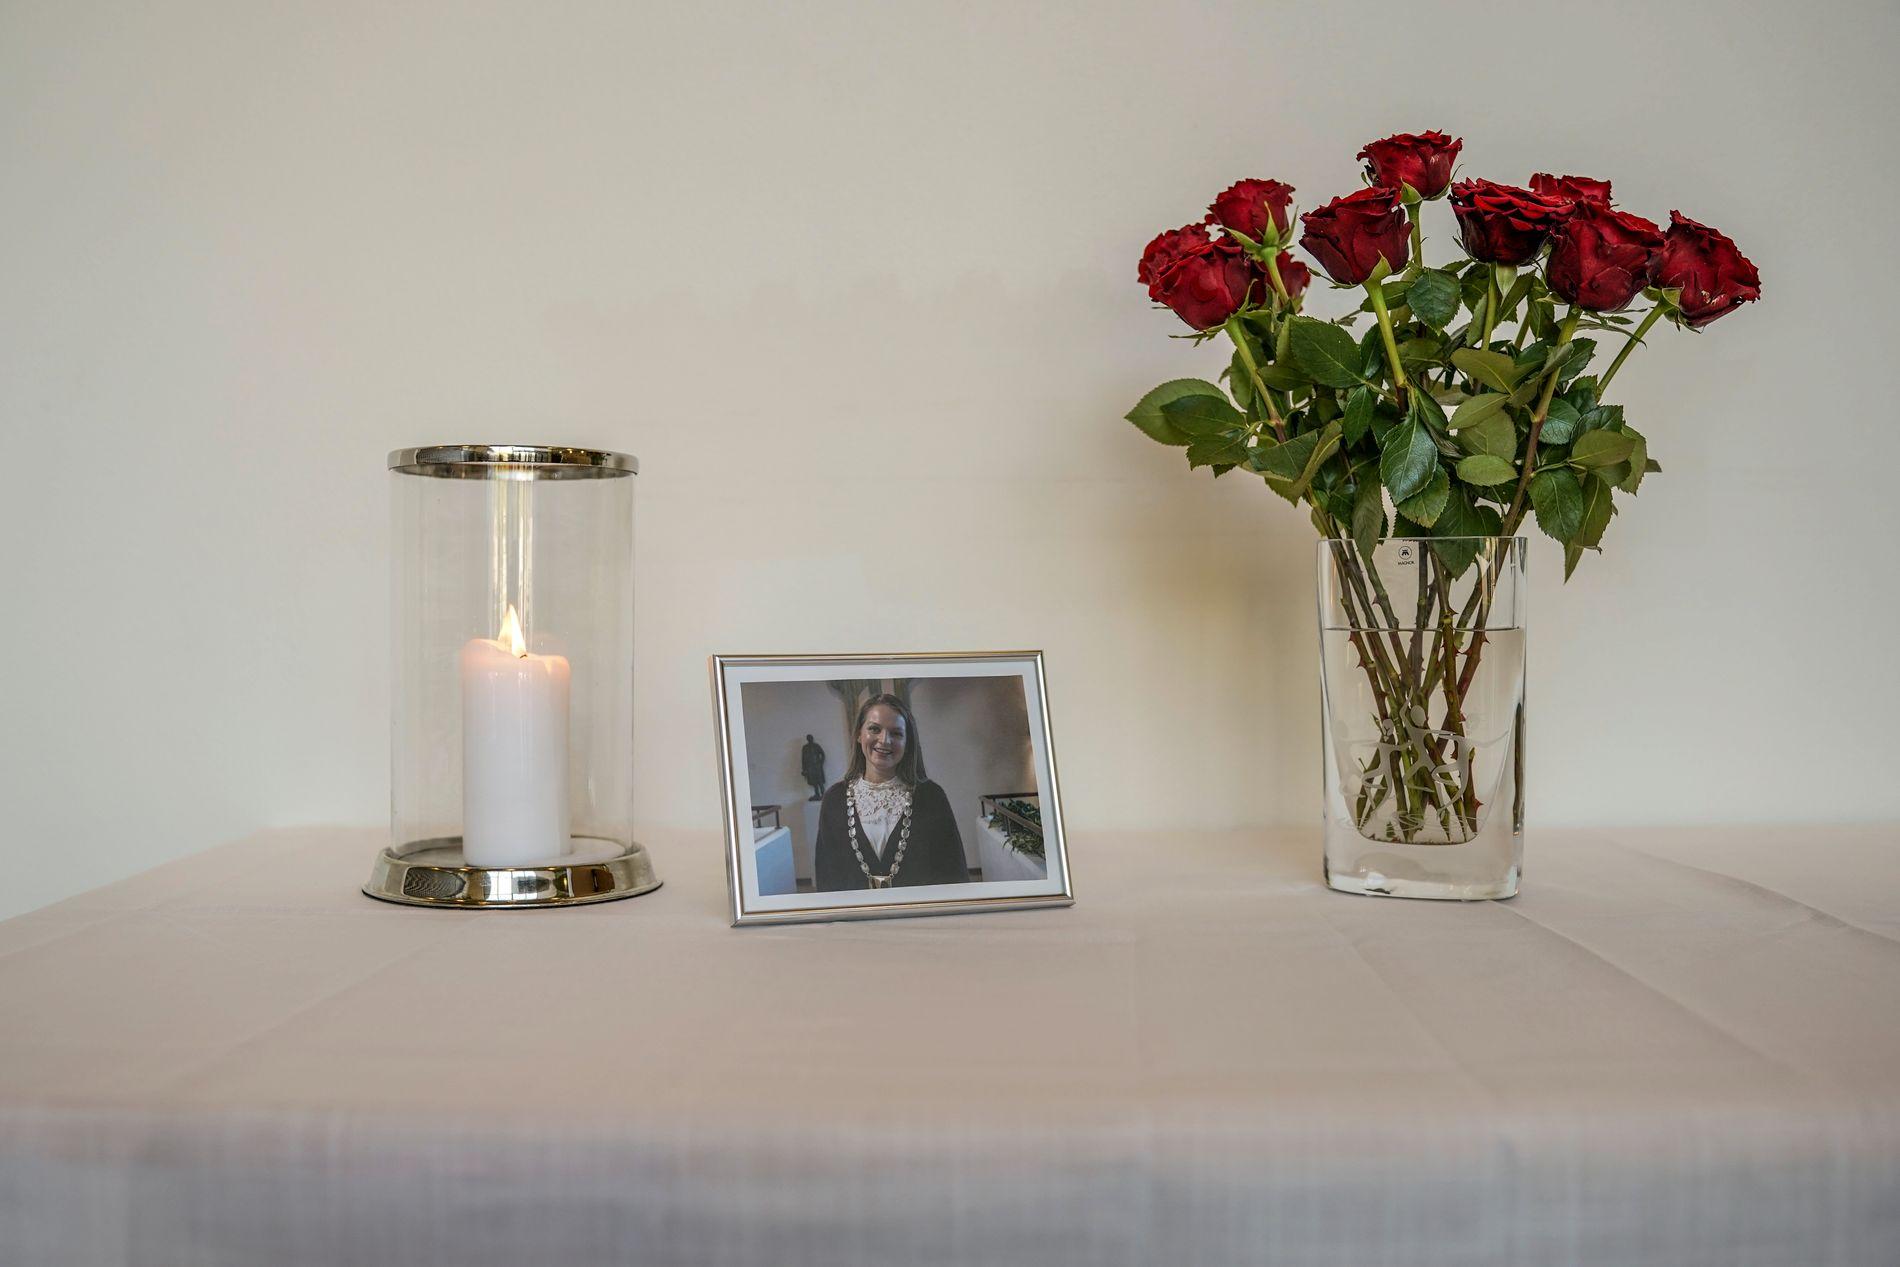 TENT LYS: Ved rådhusets inngang var det torsdag satt opp lys, blomster og et bilde av Ingrid Aune.